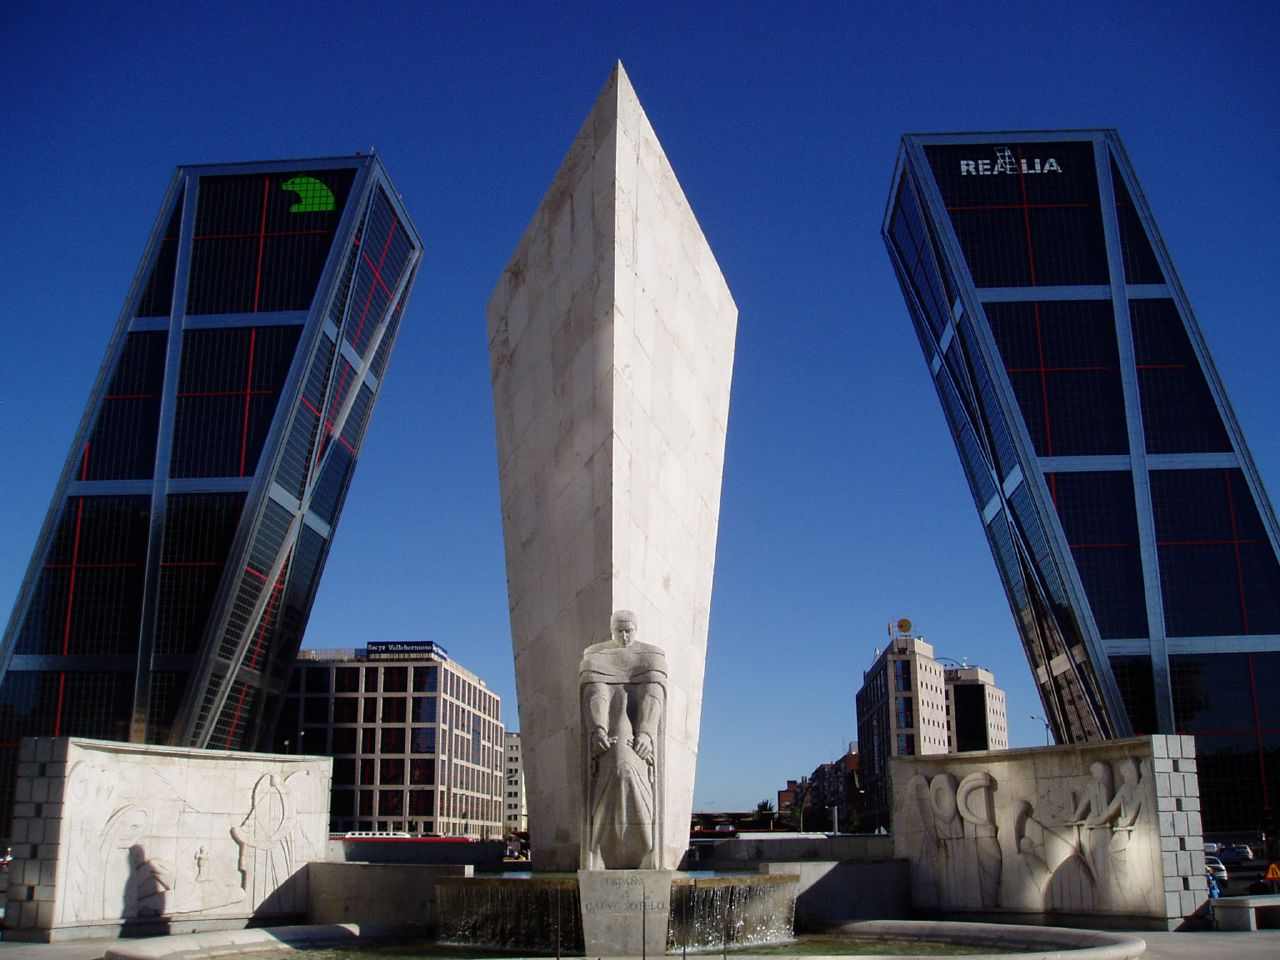 Plaza_de_Castilla_%28Madrid%29_04.jpg